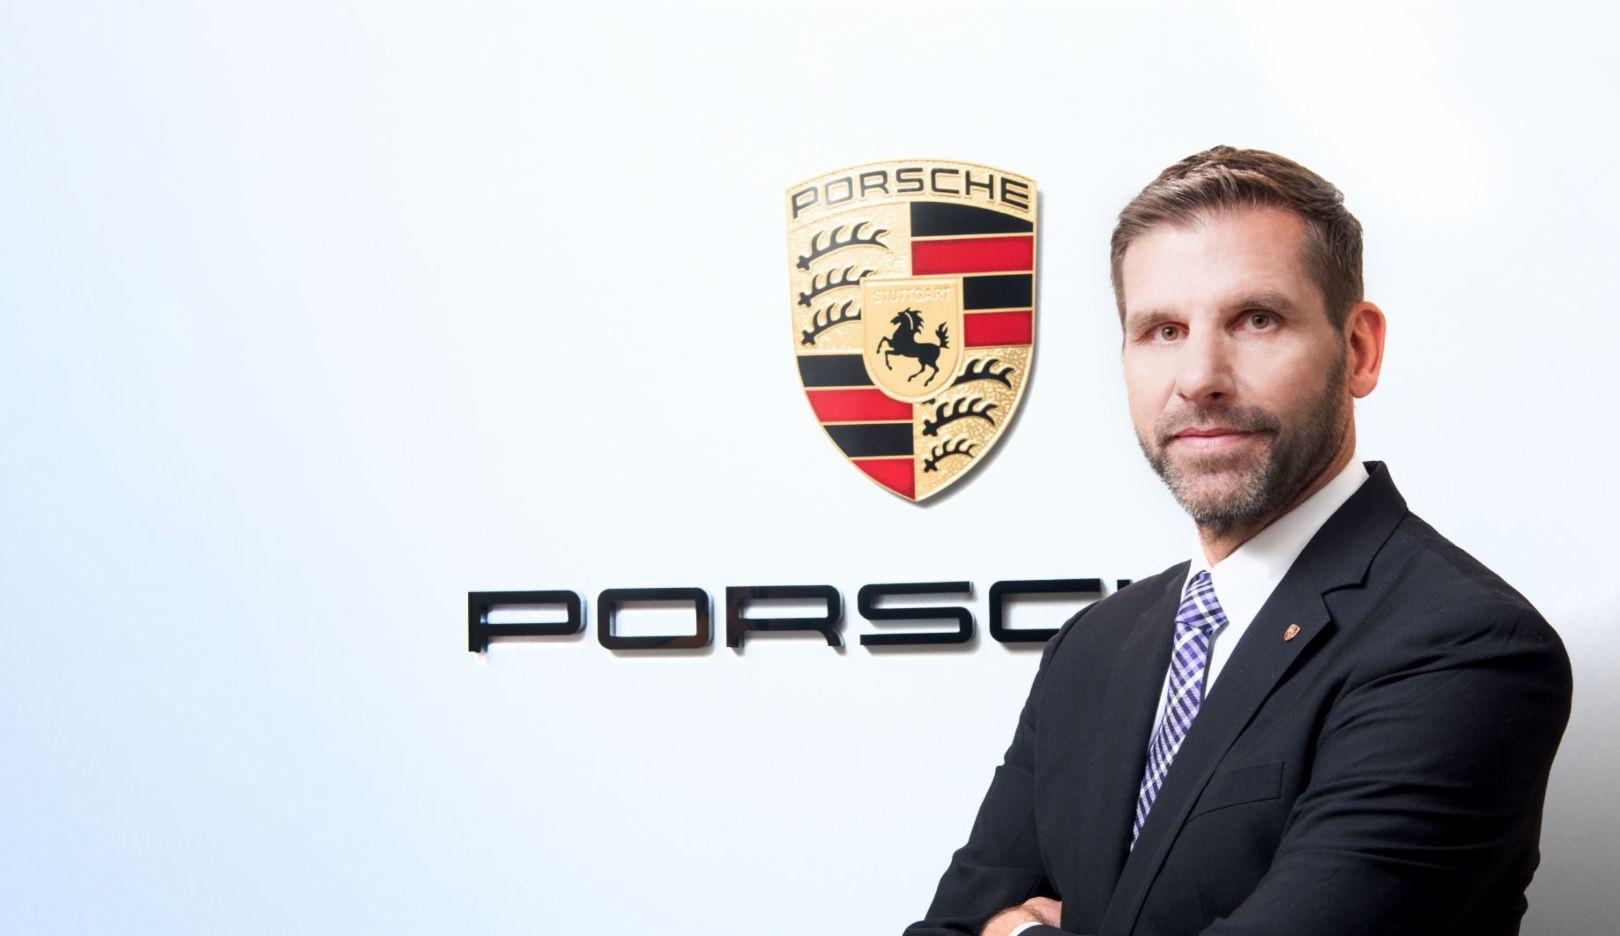 Michael Kirsch, 2019, Porsche AG